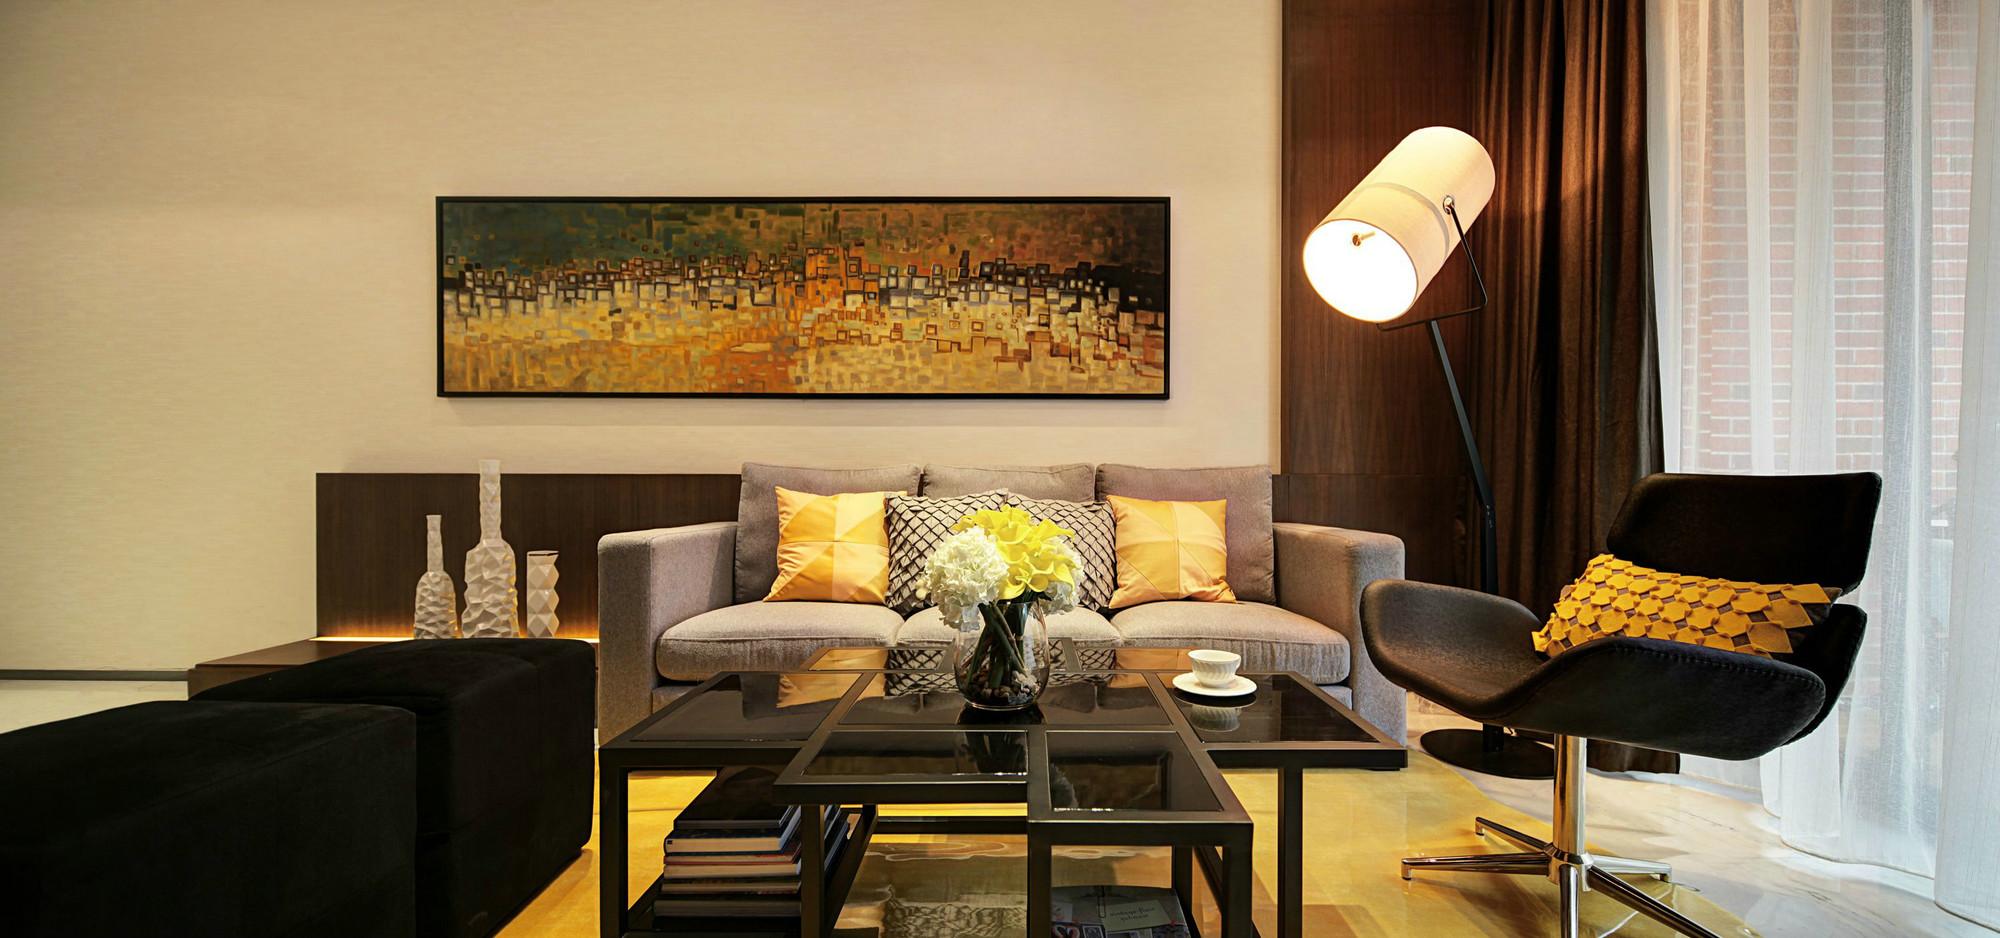 客厅的顶面华丽灯池装饰,简约中的硬朗感